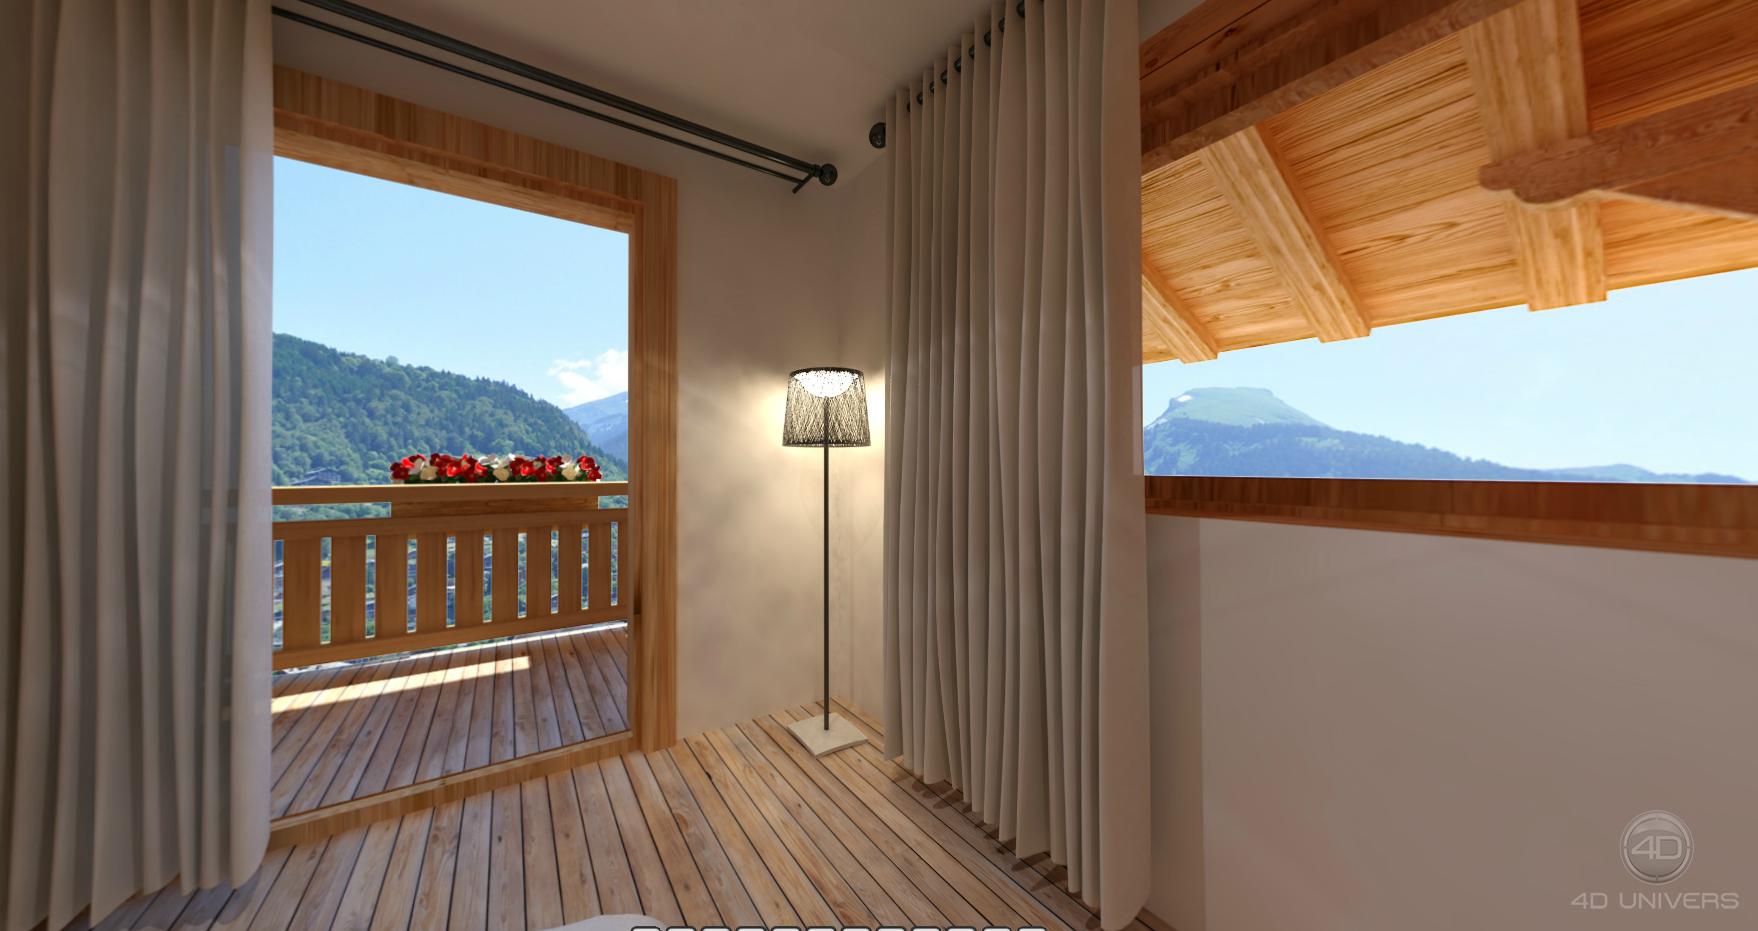 galerie images 4d univers studio animation 3d architecture 3d visites virtuelles 360. Black Bedroom Furniture Sets. Home Design Ideas